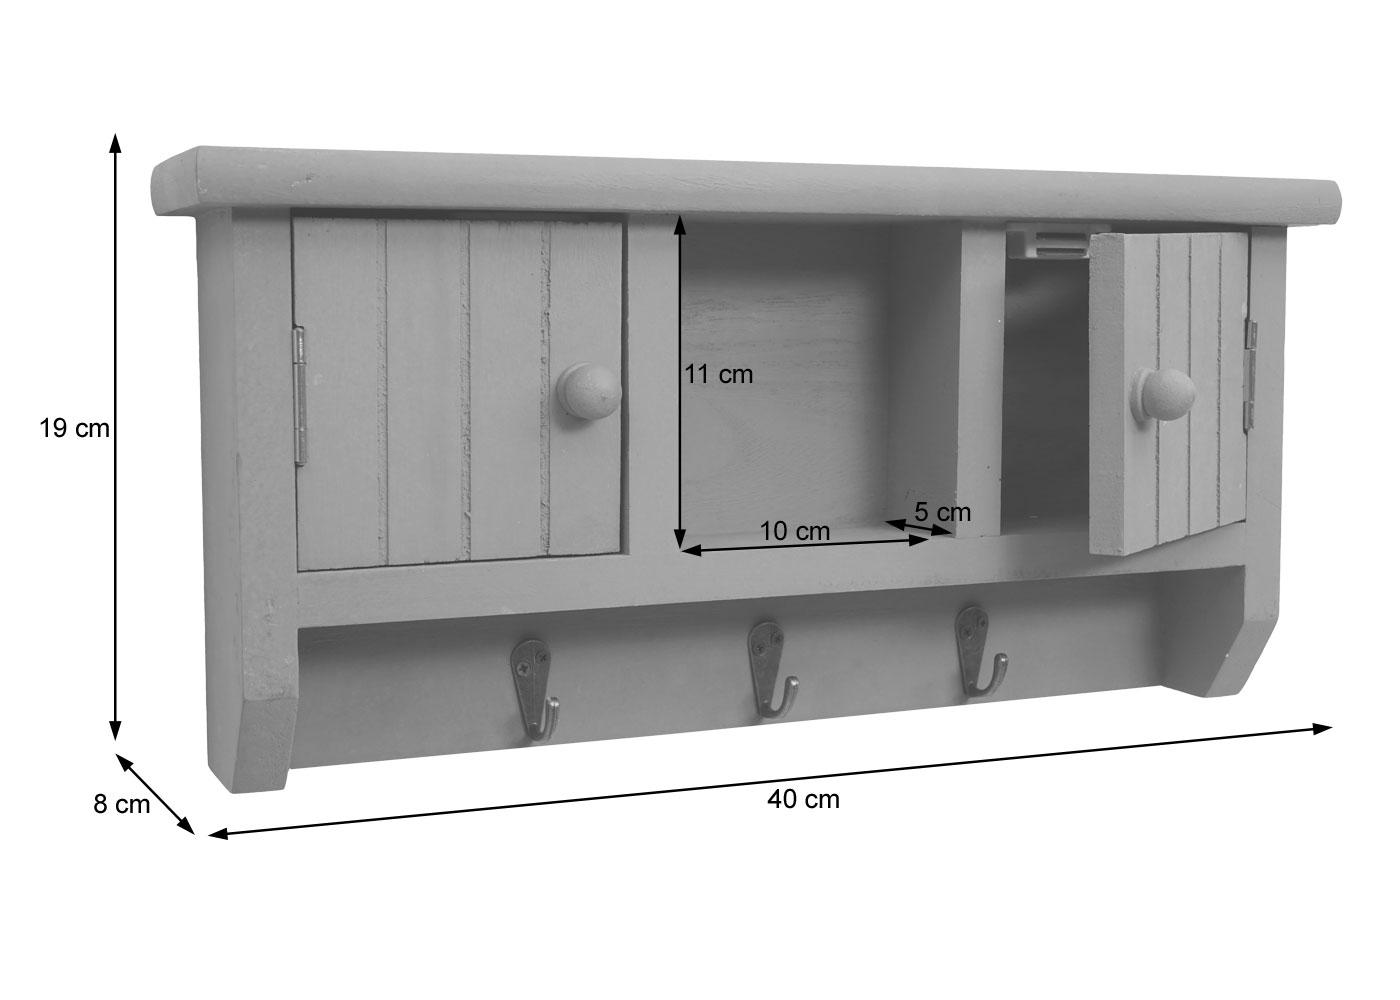 Schlüsselbrett HWC-A48 Bemaßungsbild